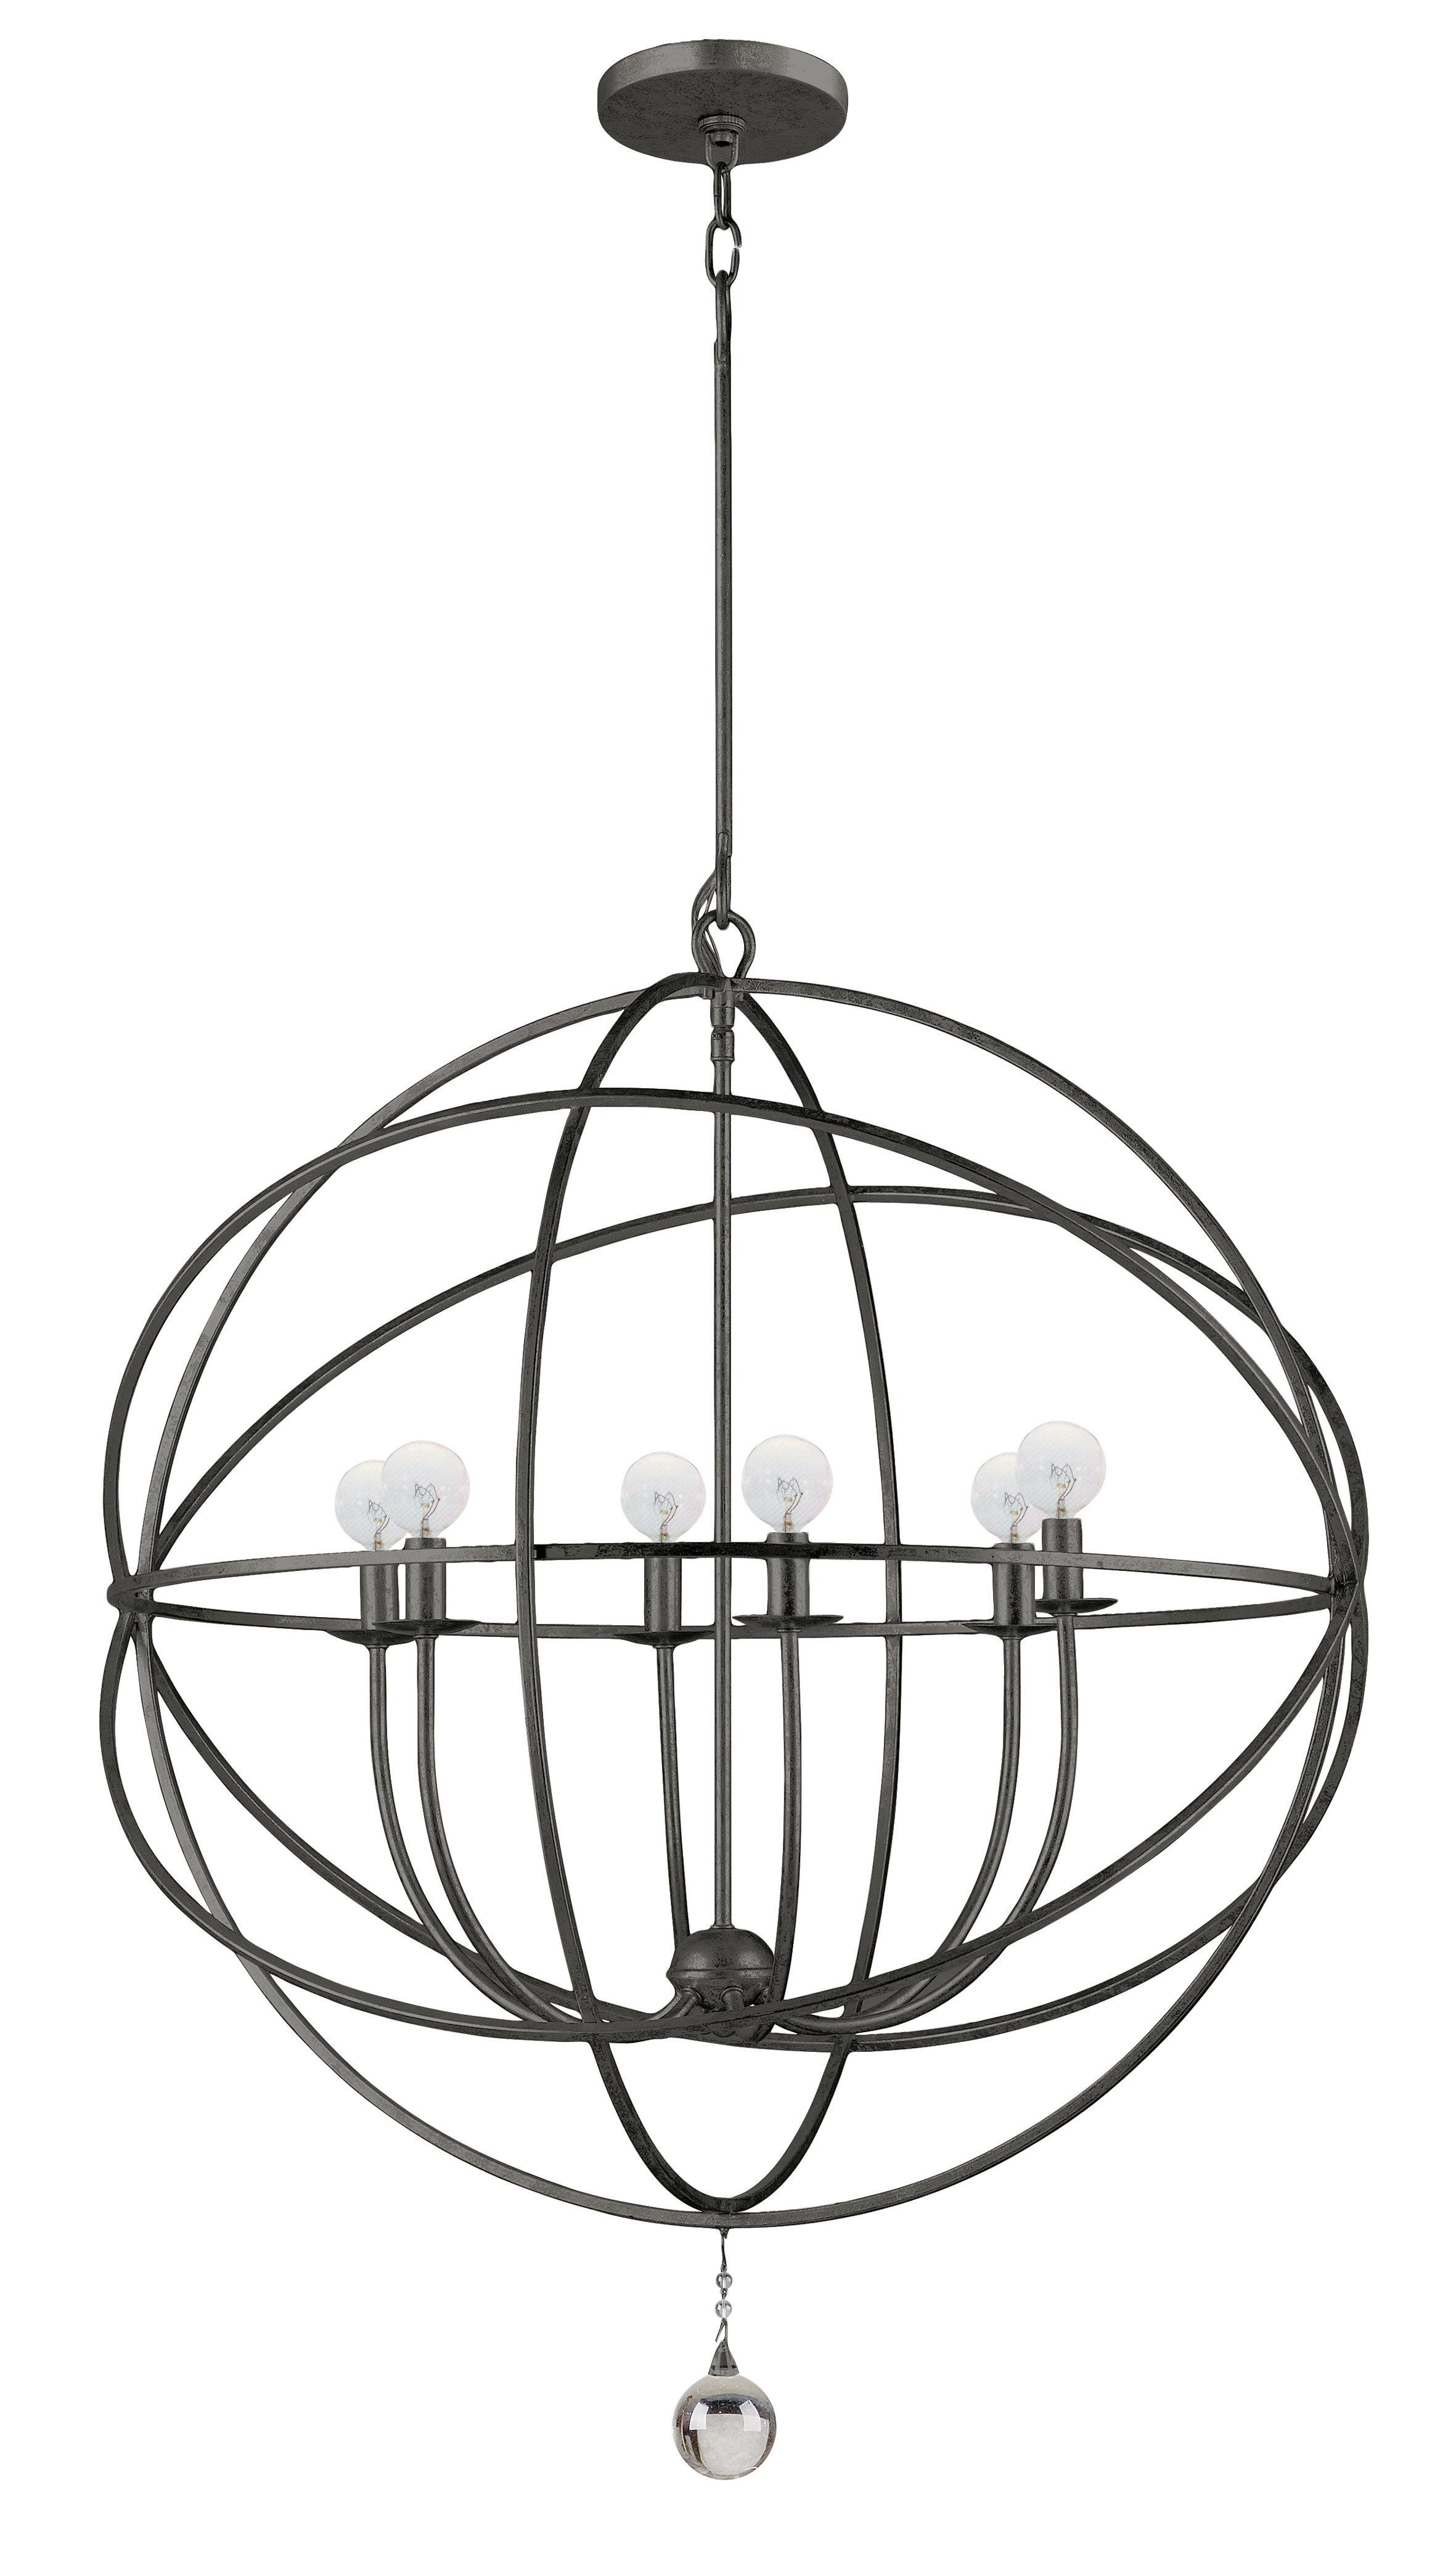 Gregoire 6 Light Globe Chandelier Intended For Alden 6 Light Globe Chandeliers (View 23 of 30)